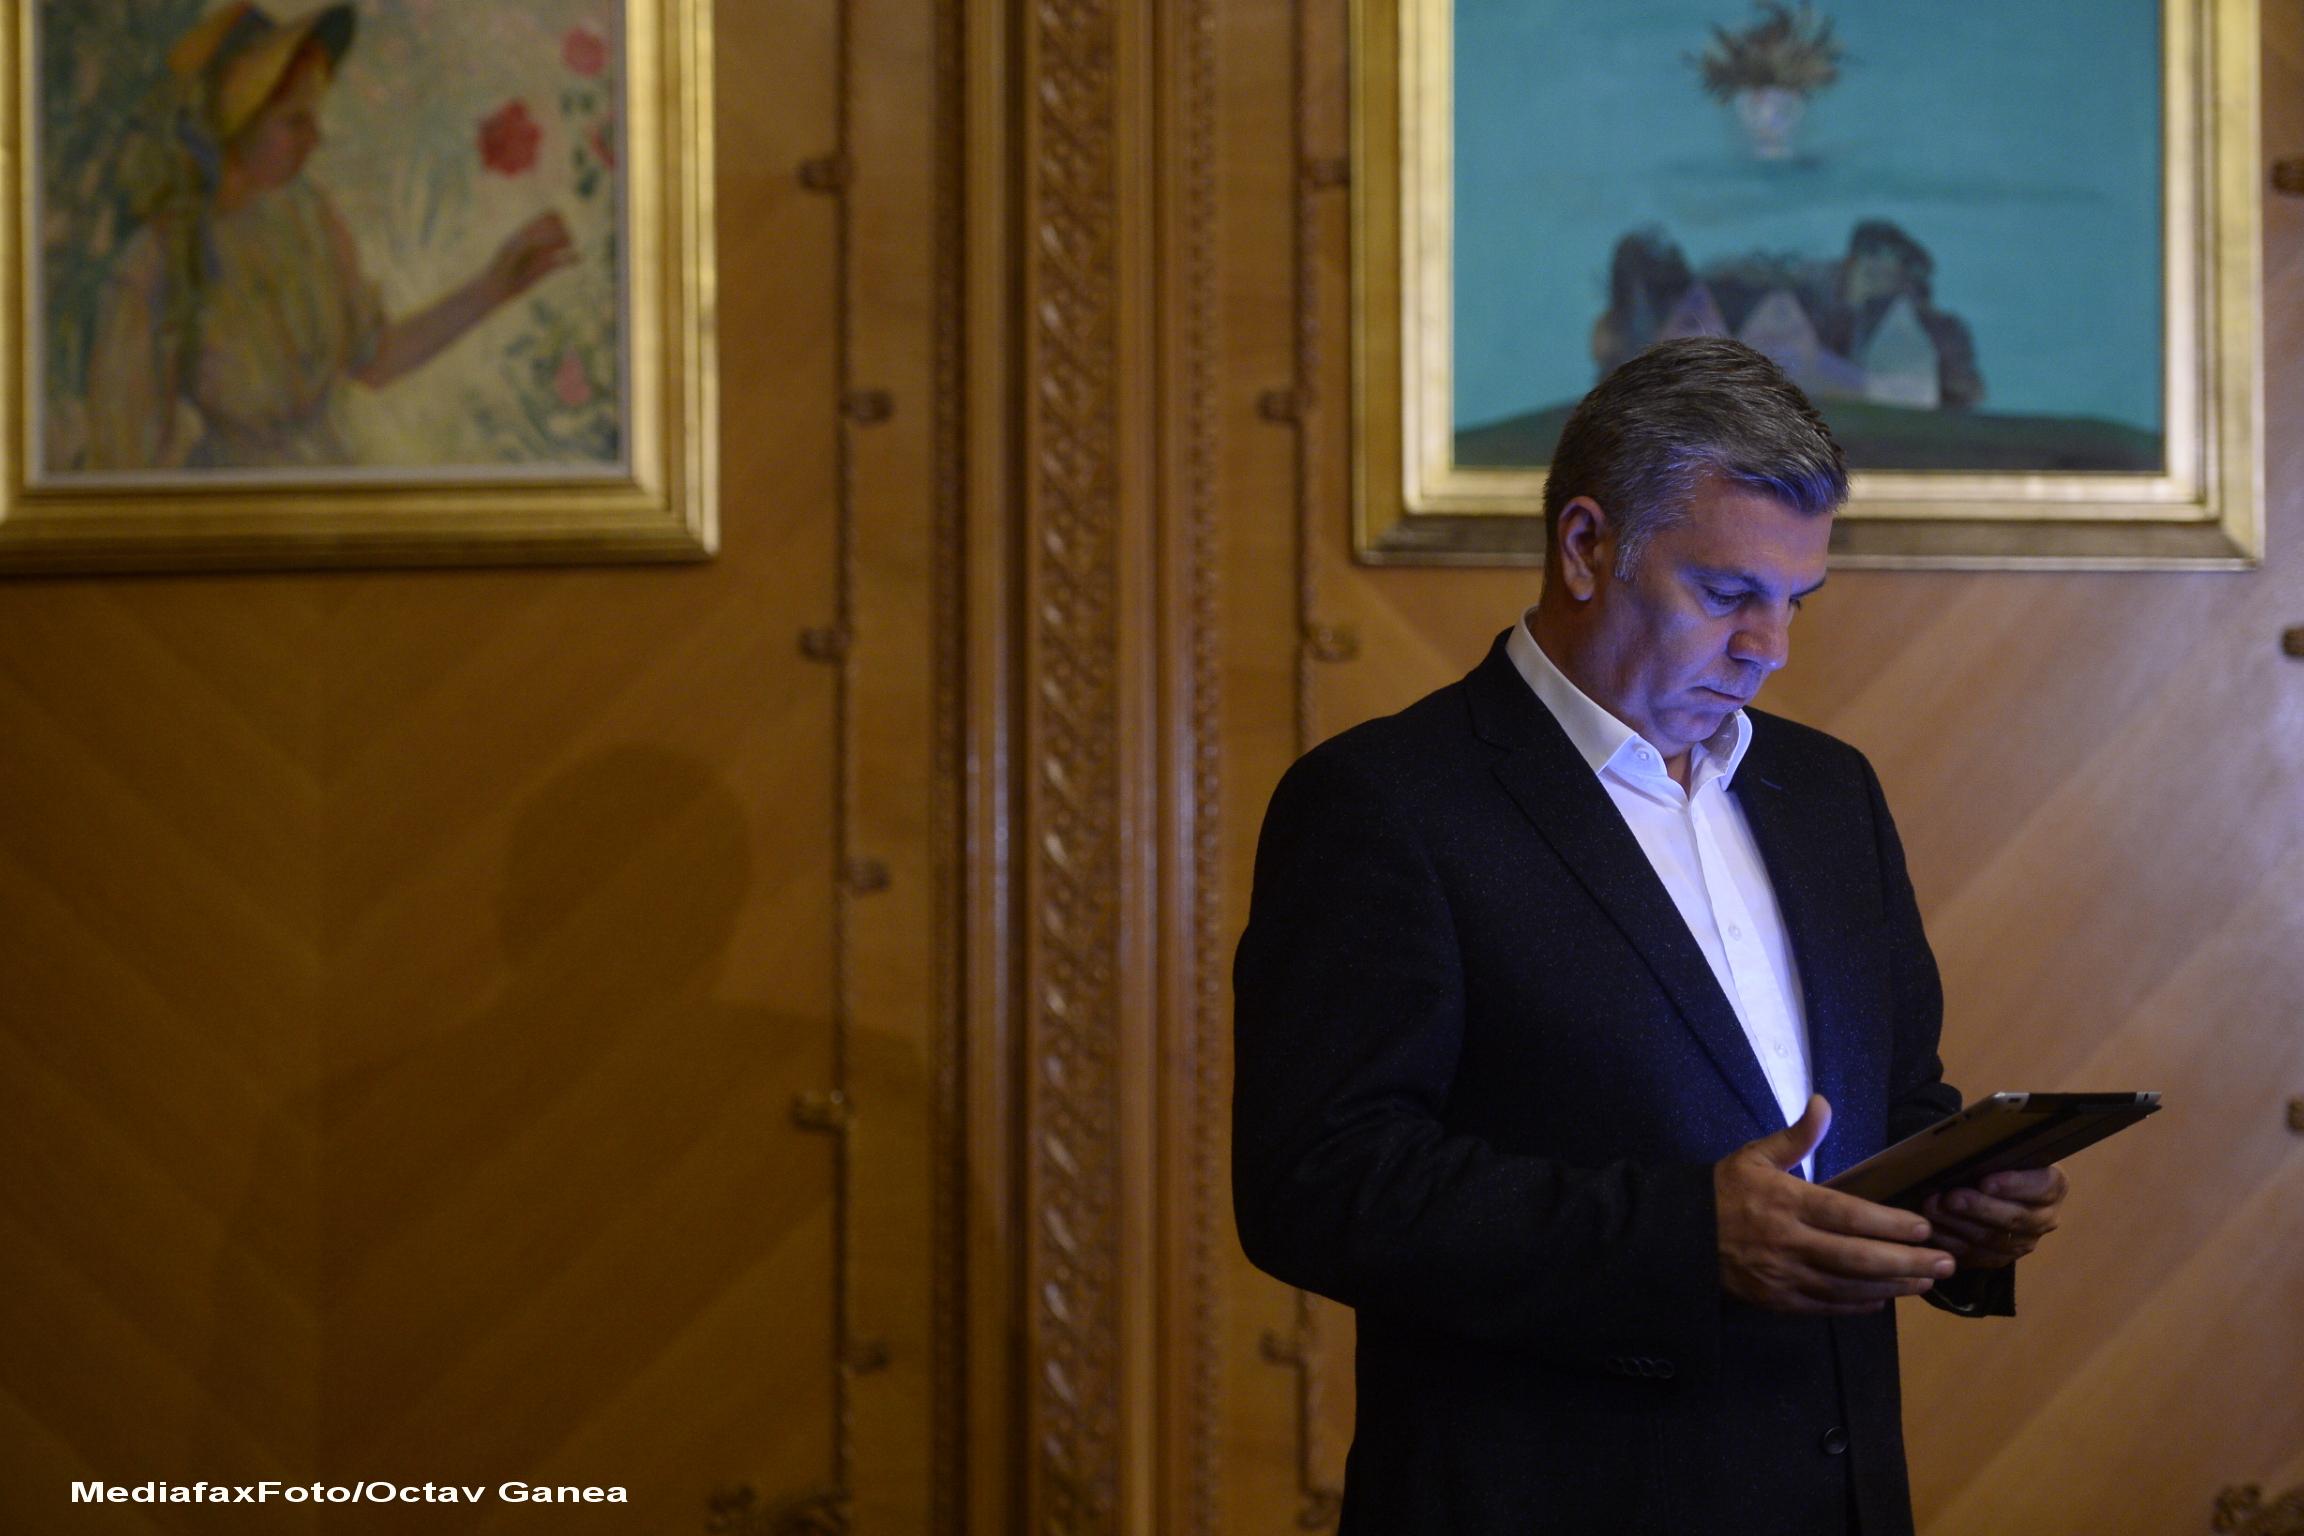 Reactia presedintelui Camerei, Valeriu Zgonea, dupa ce s-a aflat ca deputatii se duc o saptamana in India pe banii publici